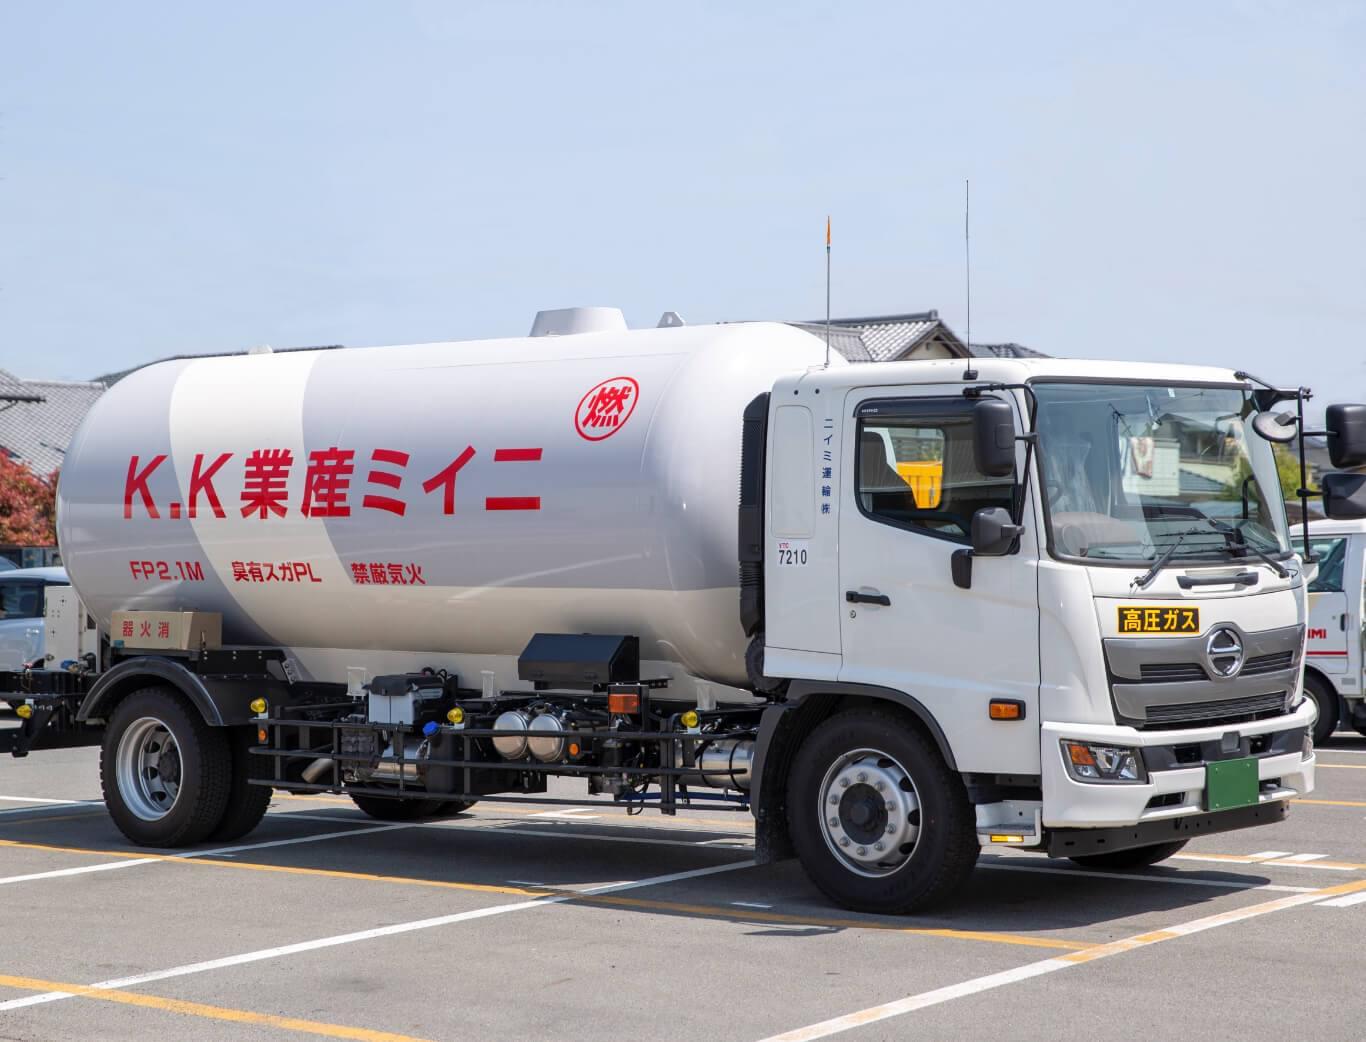 ニイミ産業のタンクローリー車